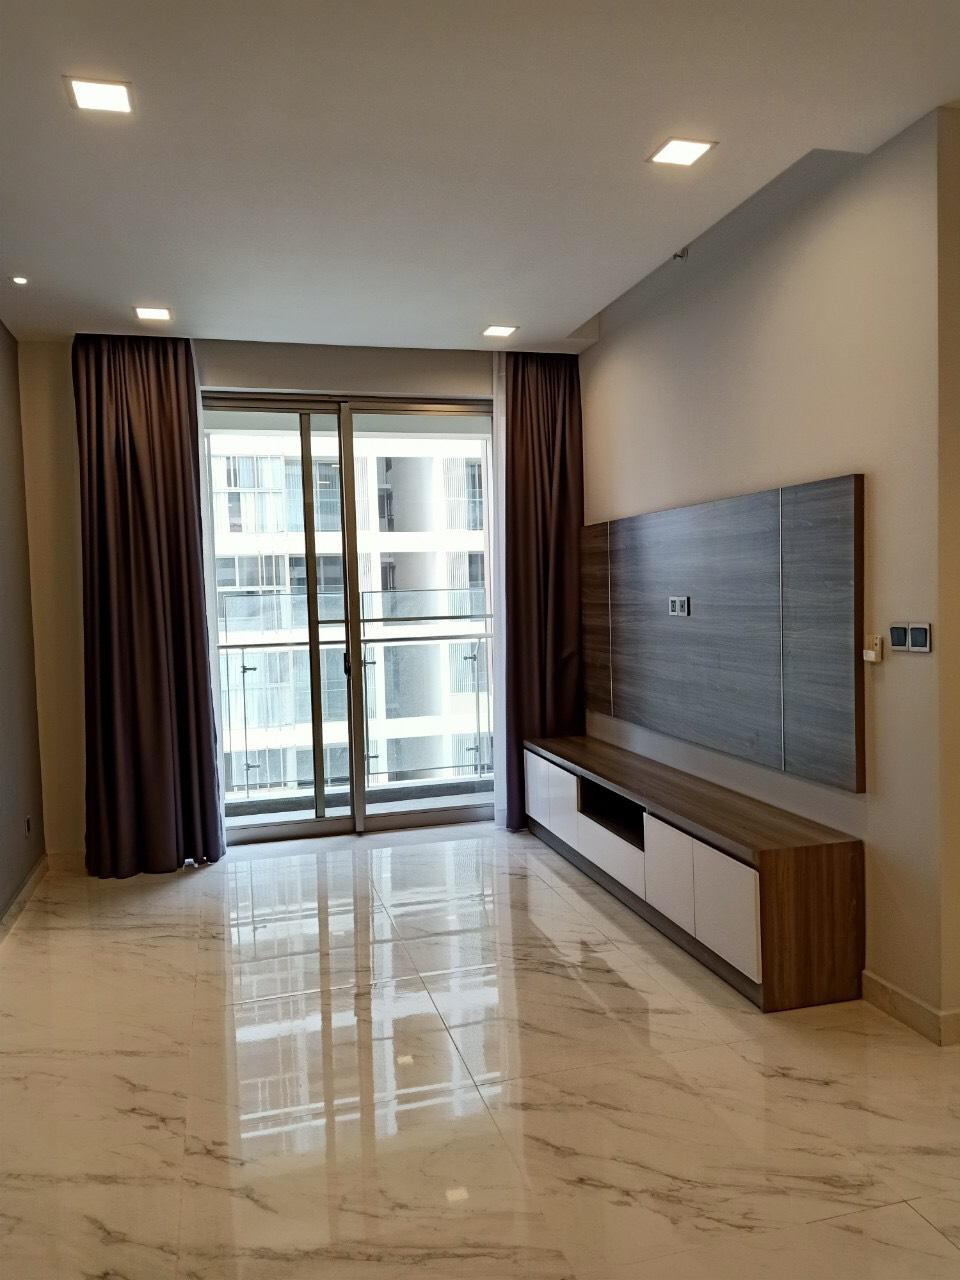 Cho thuê căn hộ Midtown M6, 90 m2, 2 phòng ngủ, Full nội thất đầy đủ, giá thuê 1200 usd. 27 TRIỆU